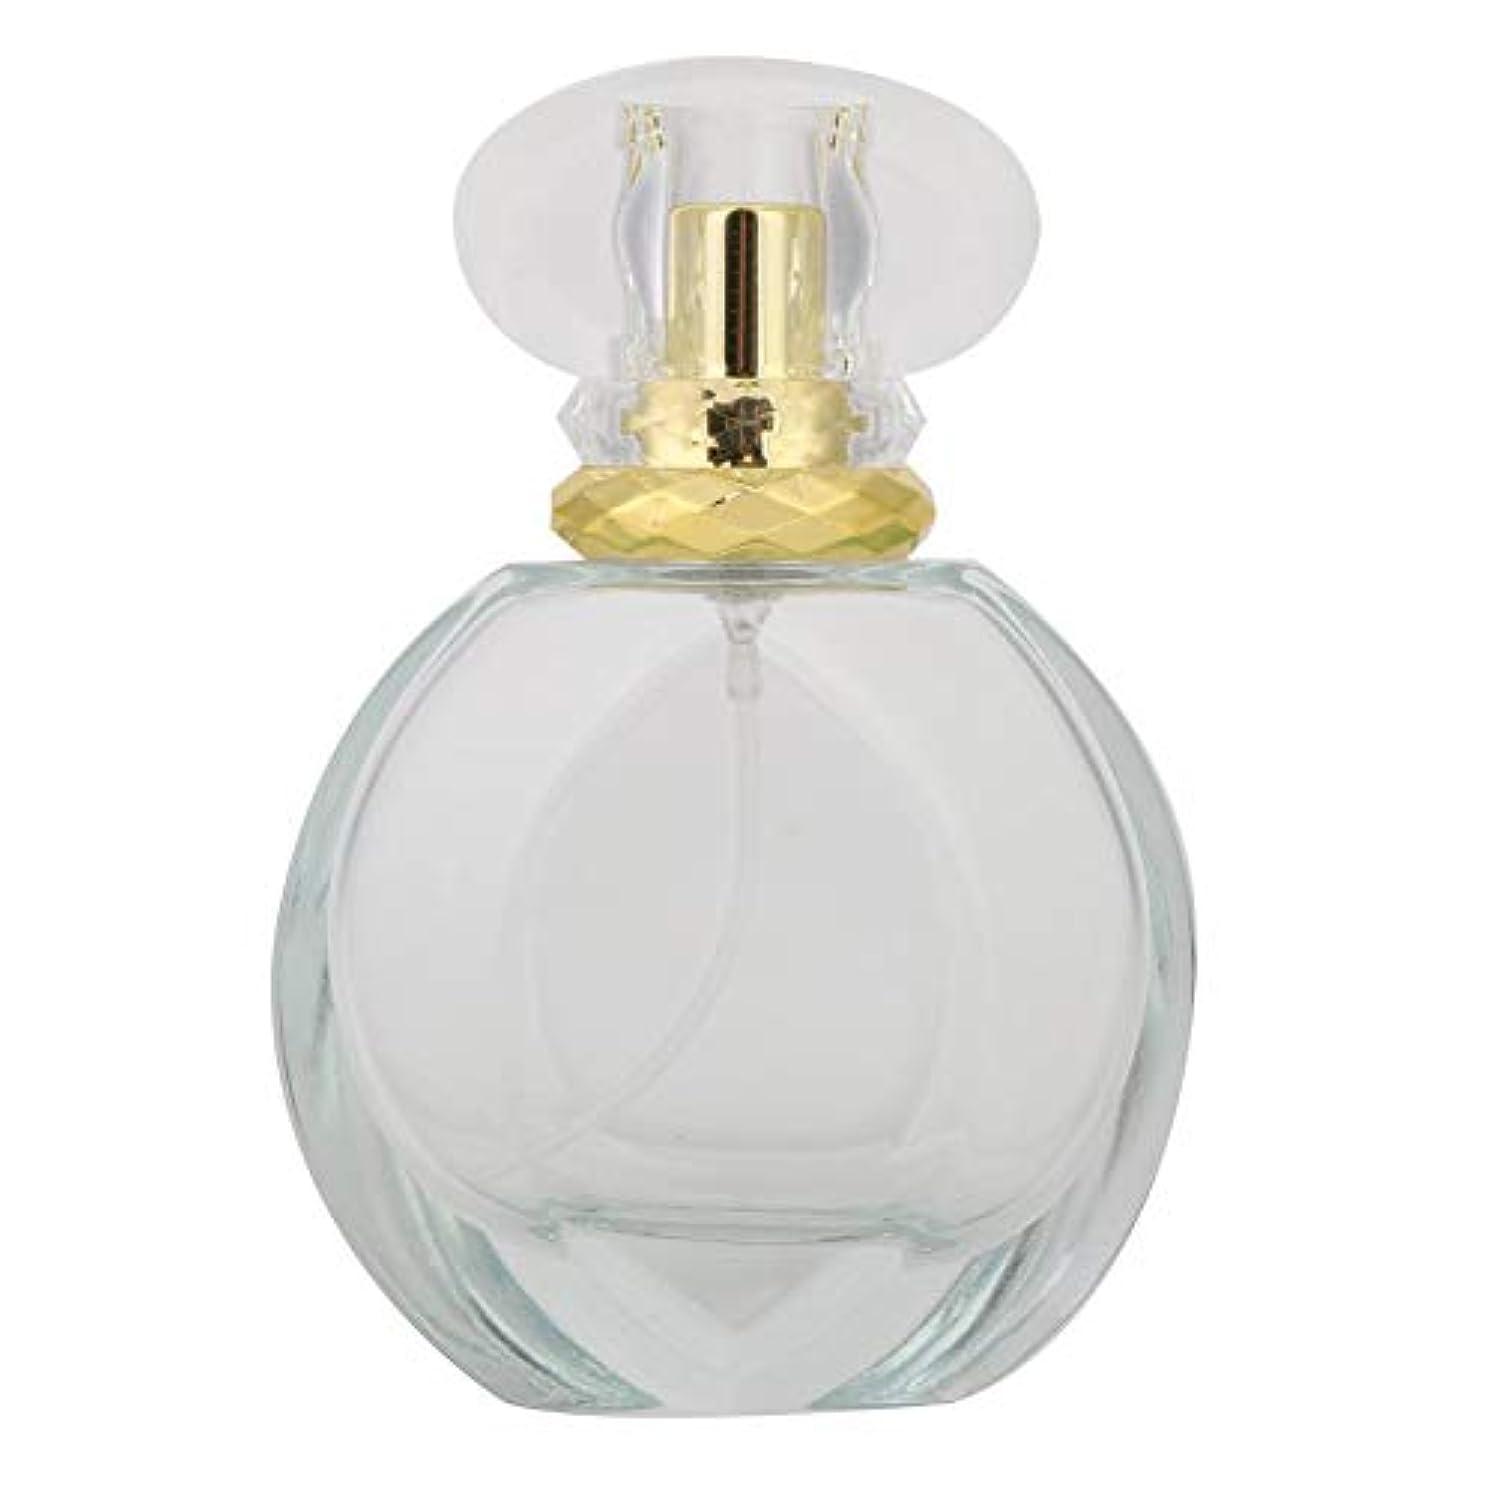 逮捕そっとスリッパ50ミリリットルガラス詰め替え空の香水スプレーボトル液体香水アトマイザーディスペンサーボトル(03)